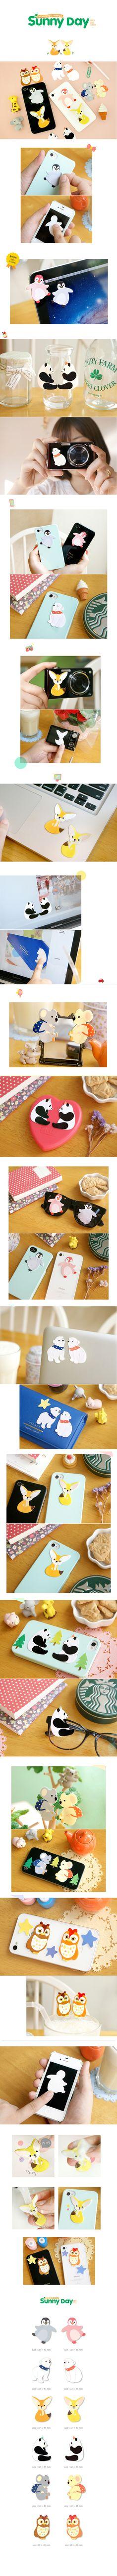 Наклейка для очистки экрана телефона 'Animal' Owl купить в интернет-магазине…